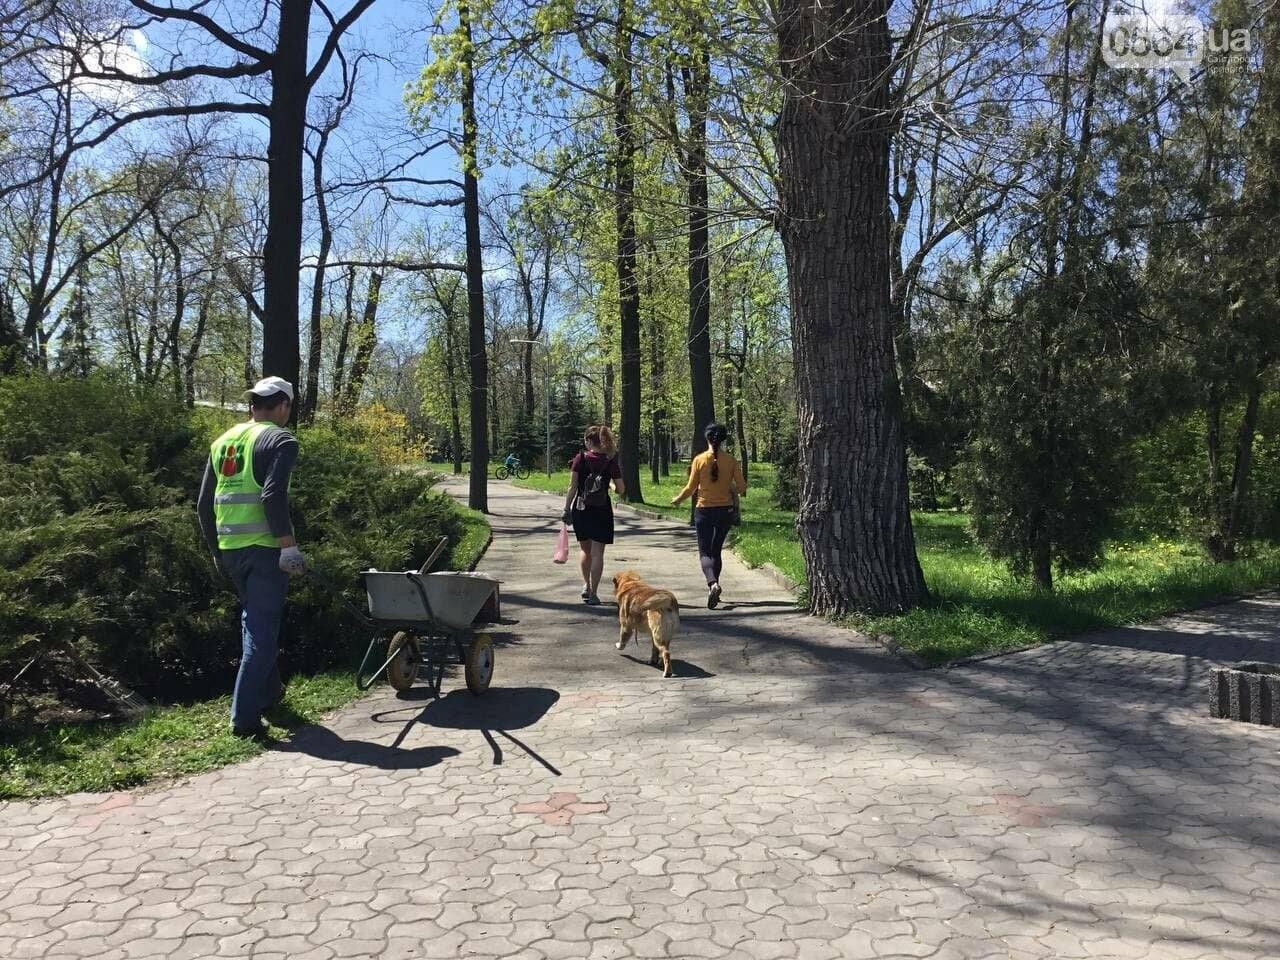 Прогулки, фотосессии, отдых на природе, - как криворожане провели первые дни мая, - ФОТО, ВИДЕО, фото-12